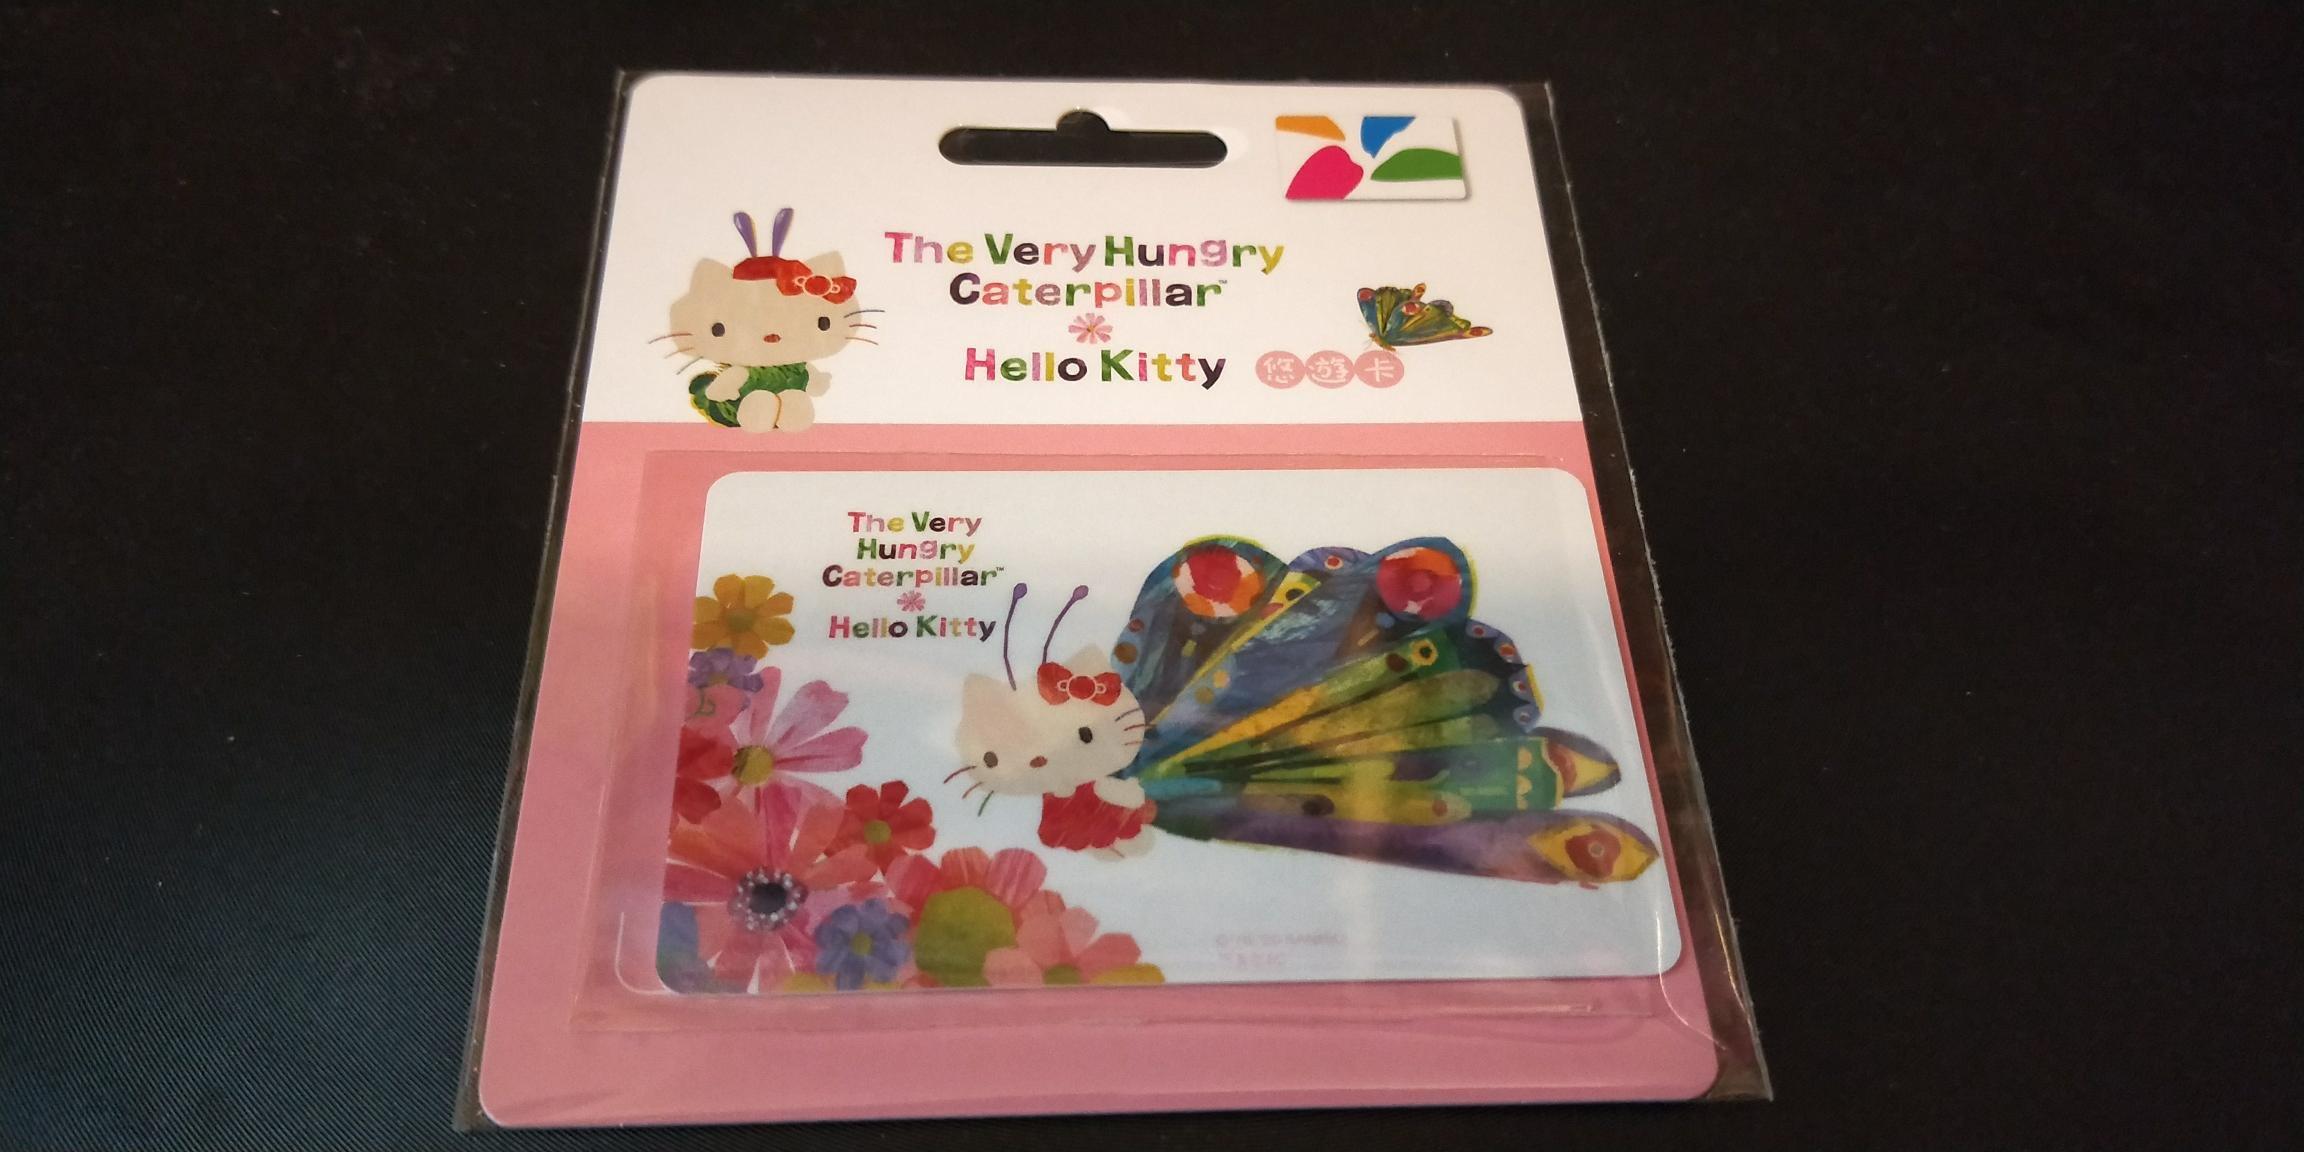 Hello Kitty X 好餓的毛毛蟲 悠遊卡 單賣 花園  悠遊卡 如圖一張